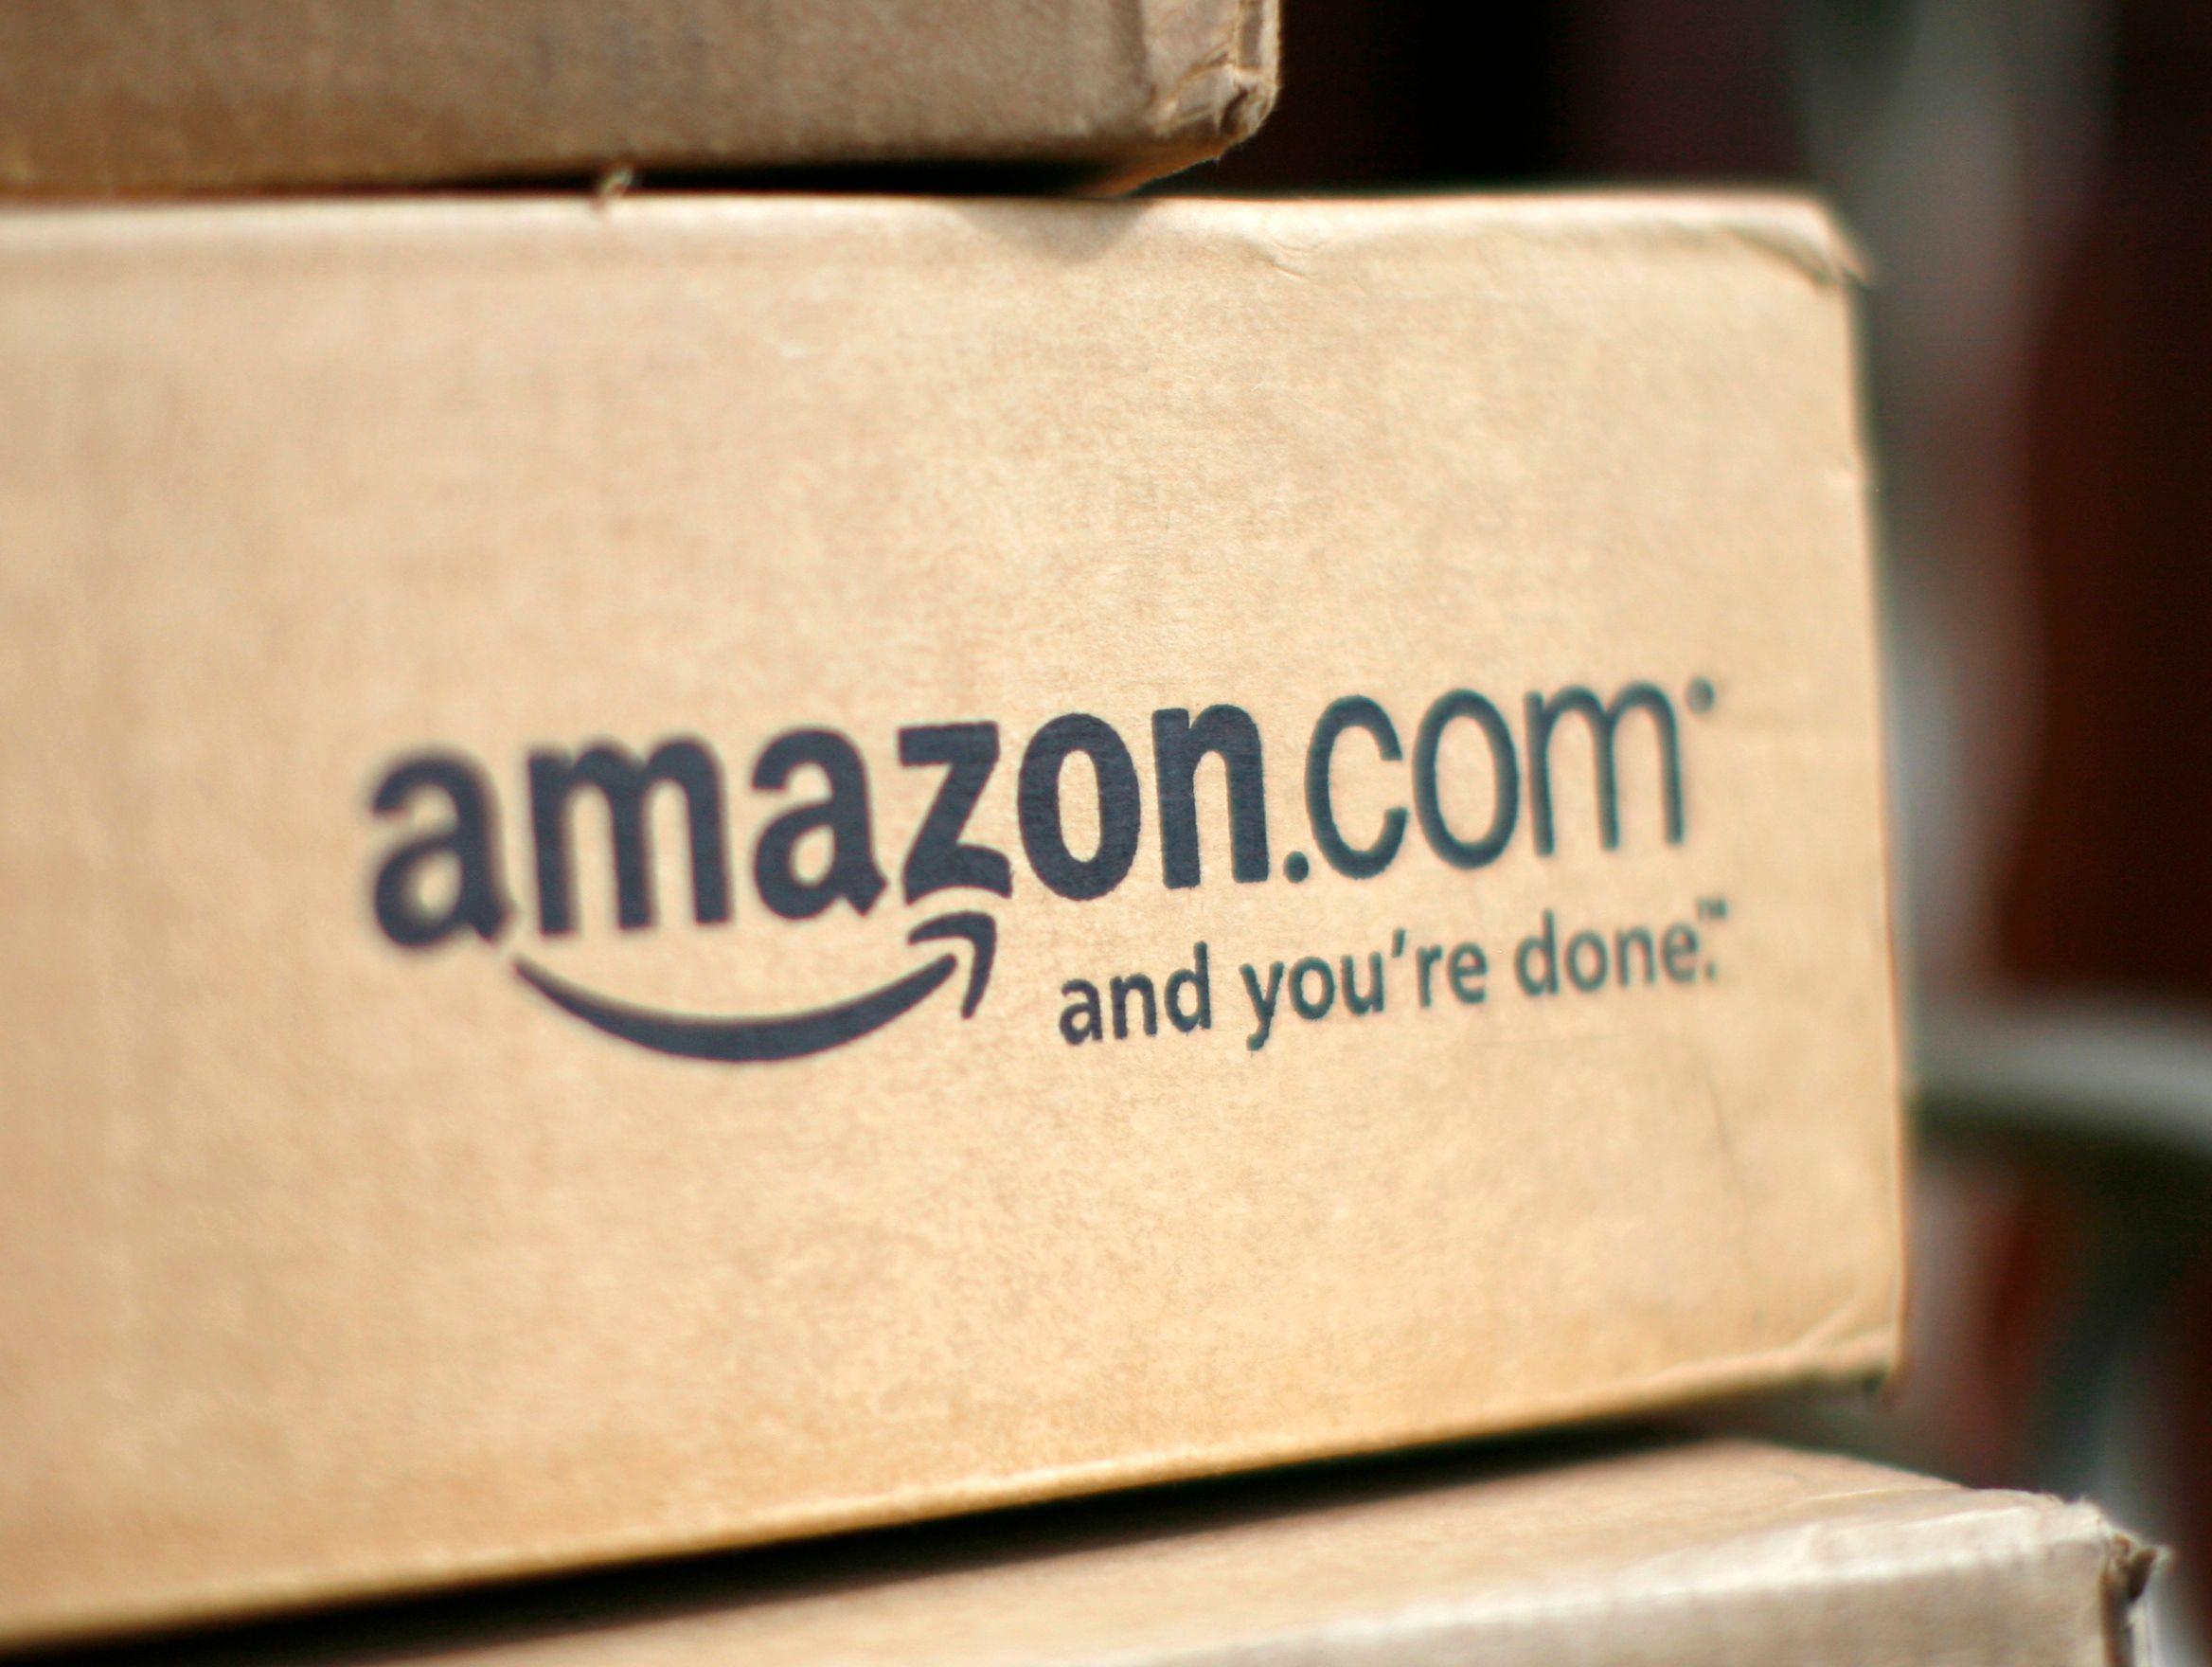 Le géant du e-commerce Amazon a ouvert sa première librairie physique.